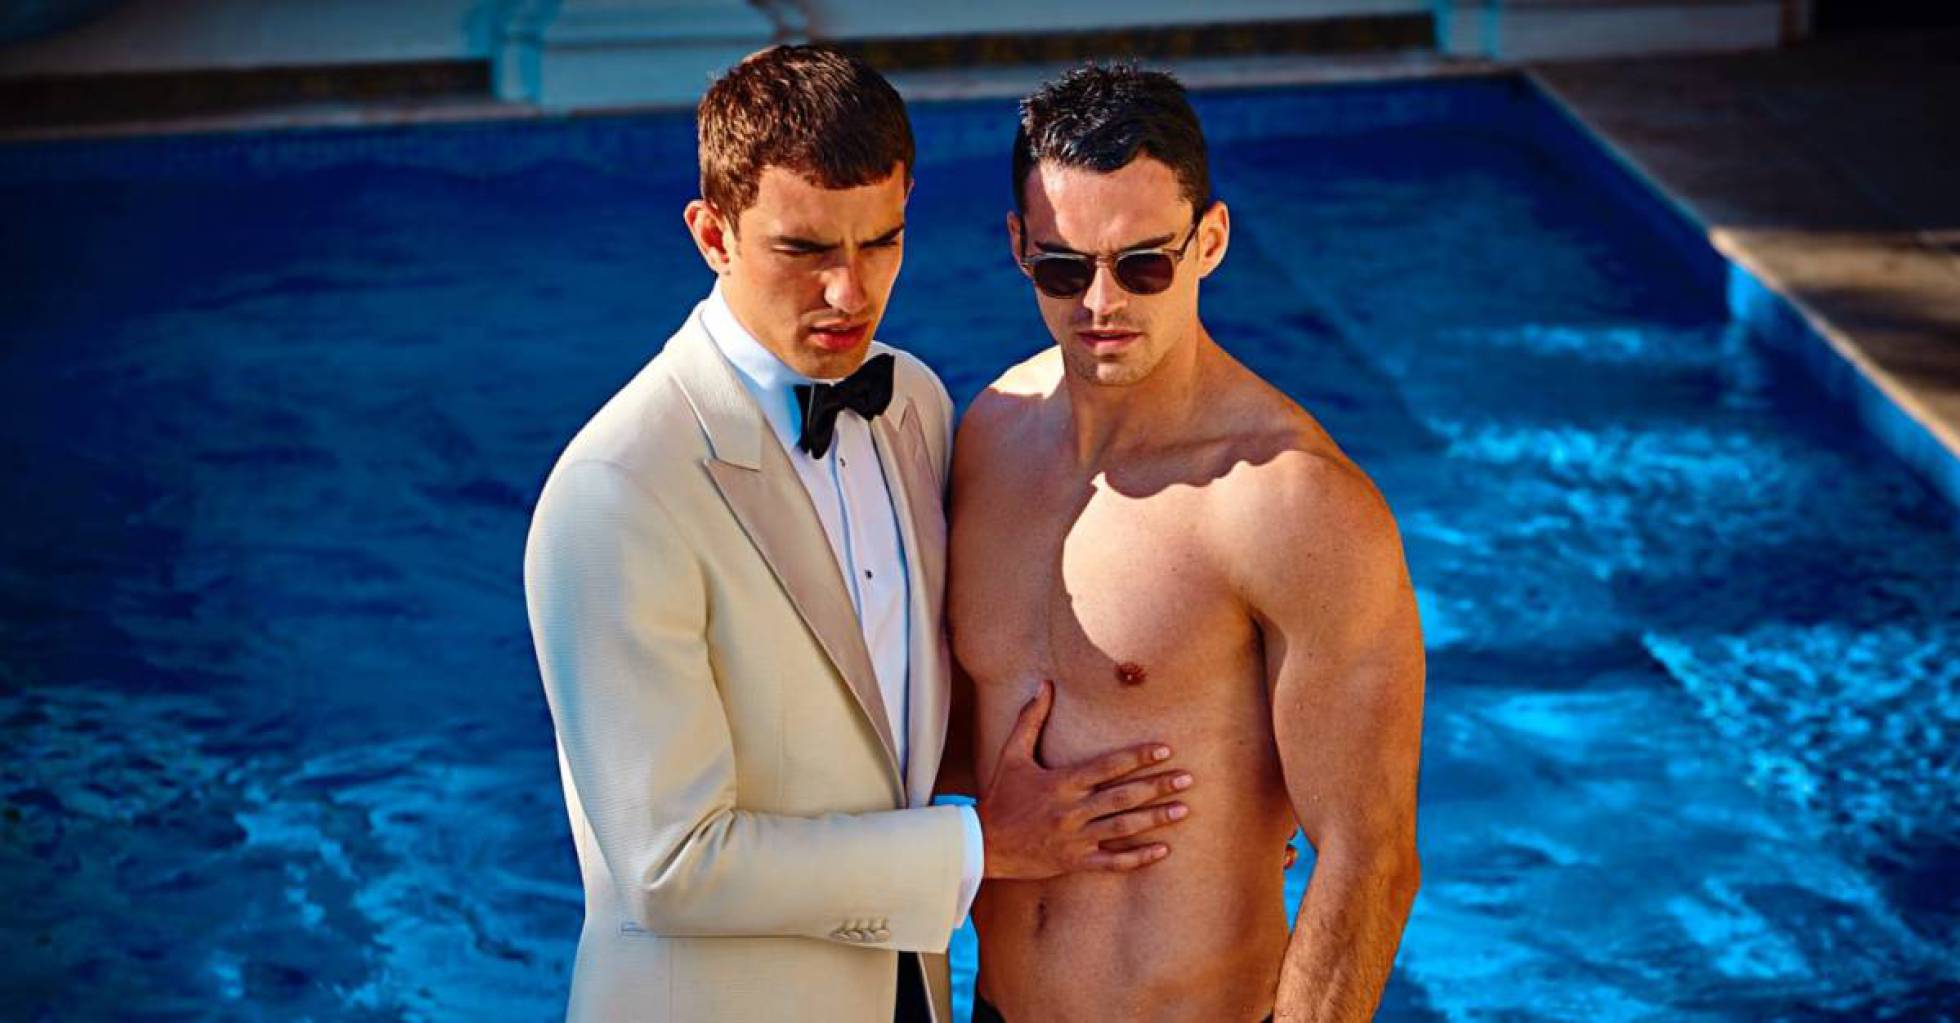 Publicidad gay con todo rigor por parte de una conocida marca de trajes